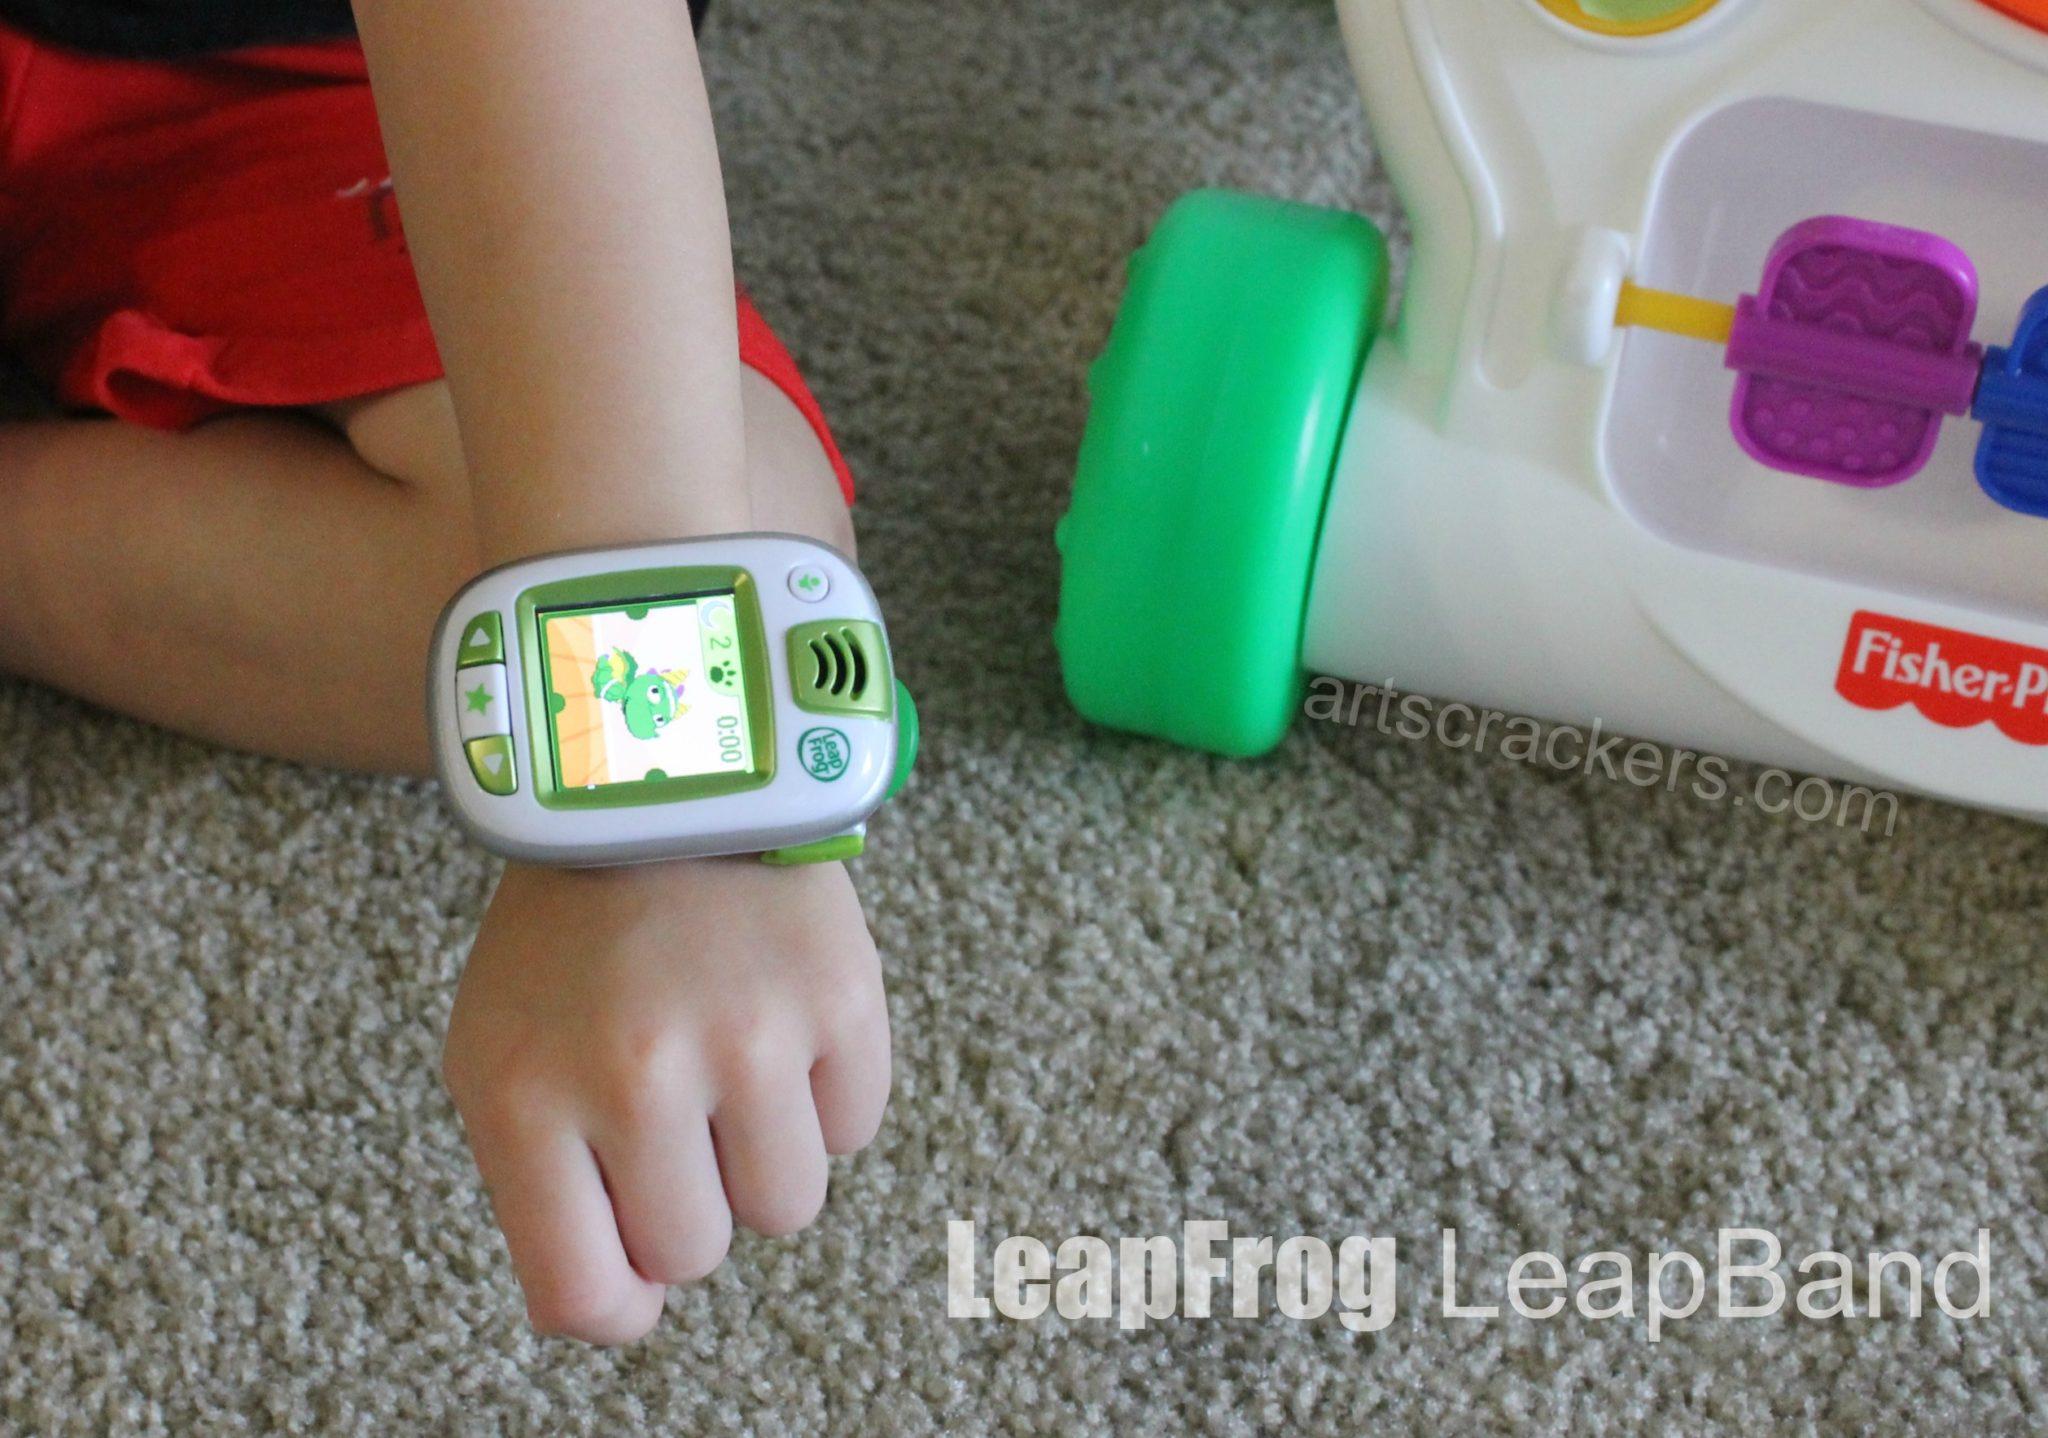 LeapFrog LeapBand Digital Pet Watch